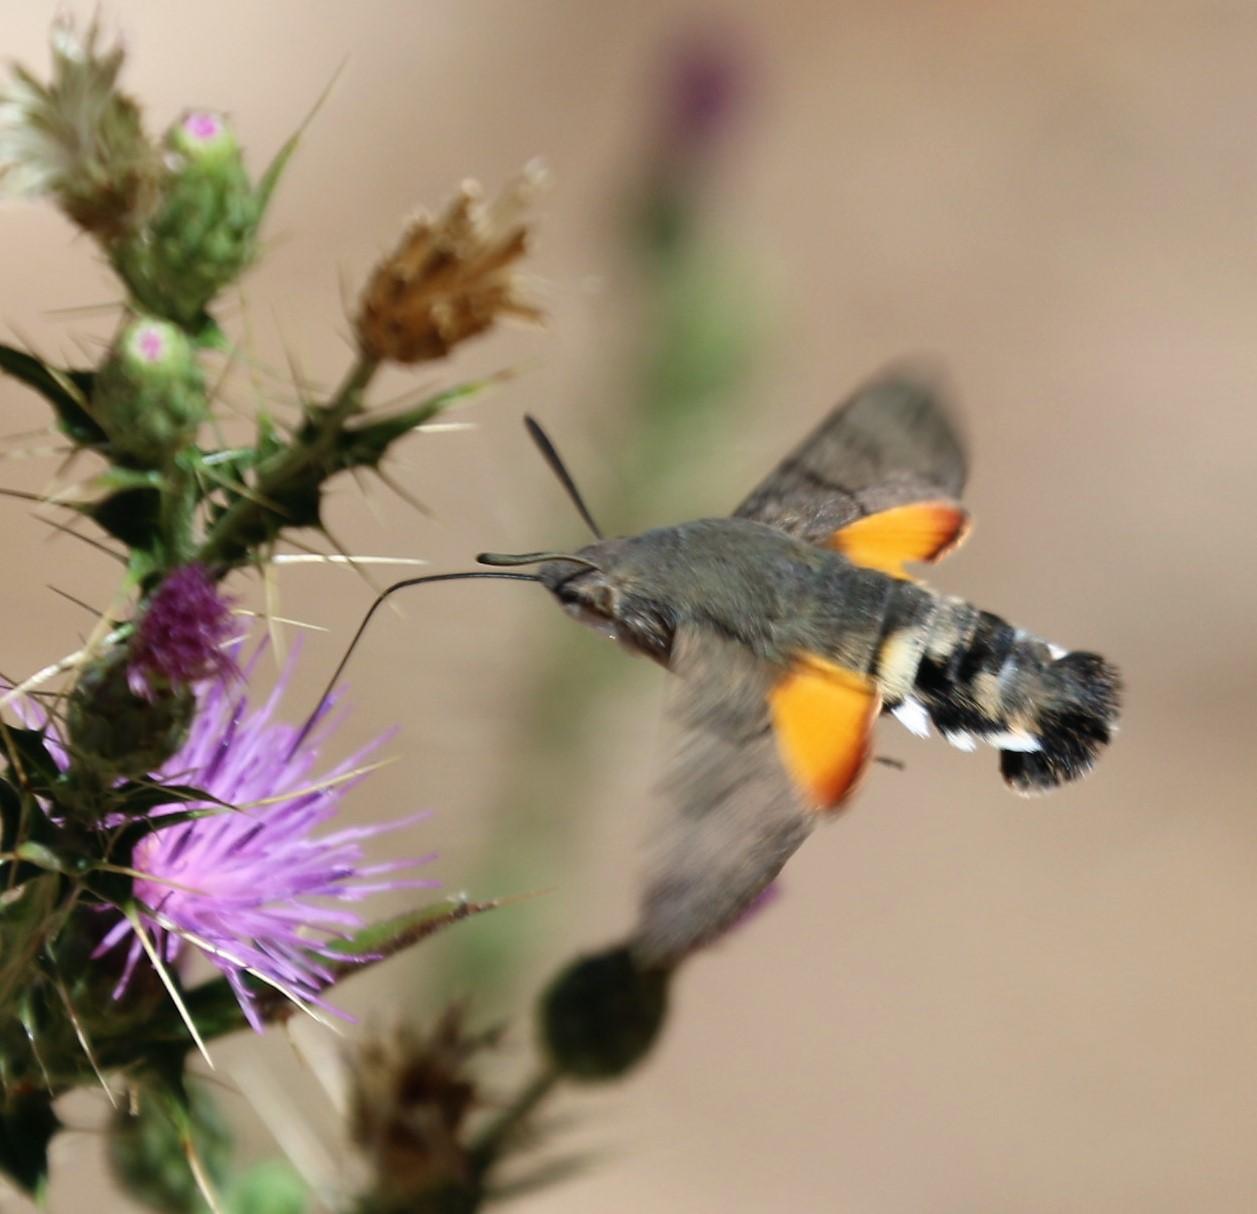 Macroglossum stellatarum. Humbingbird Hawk Moth